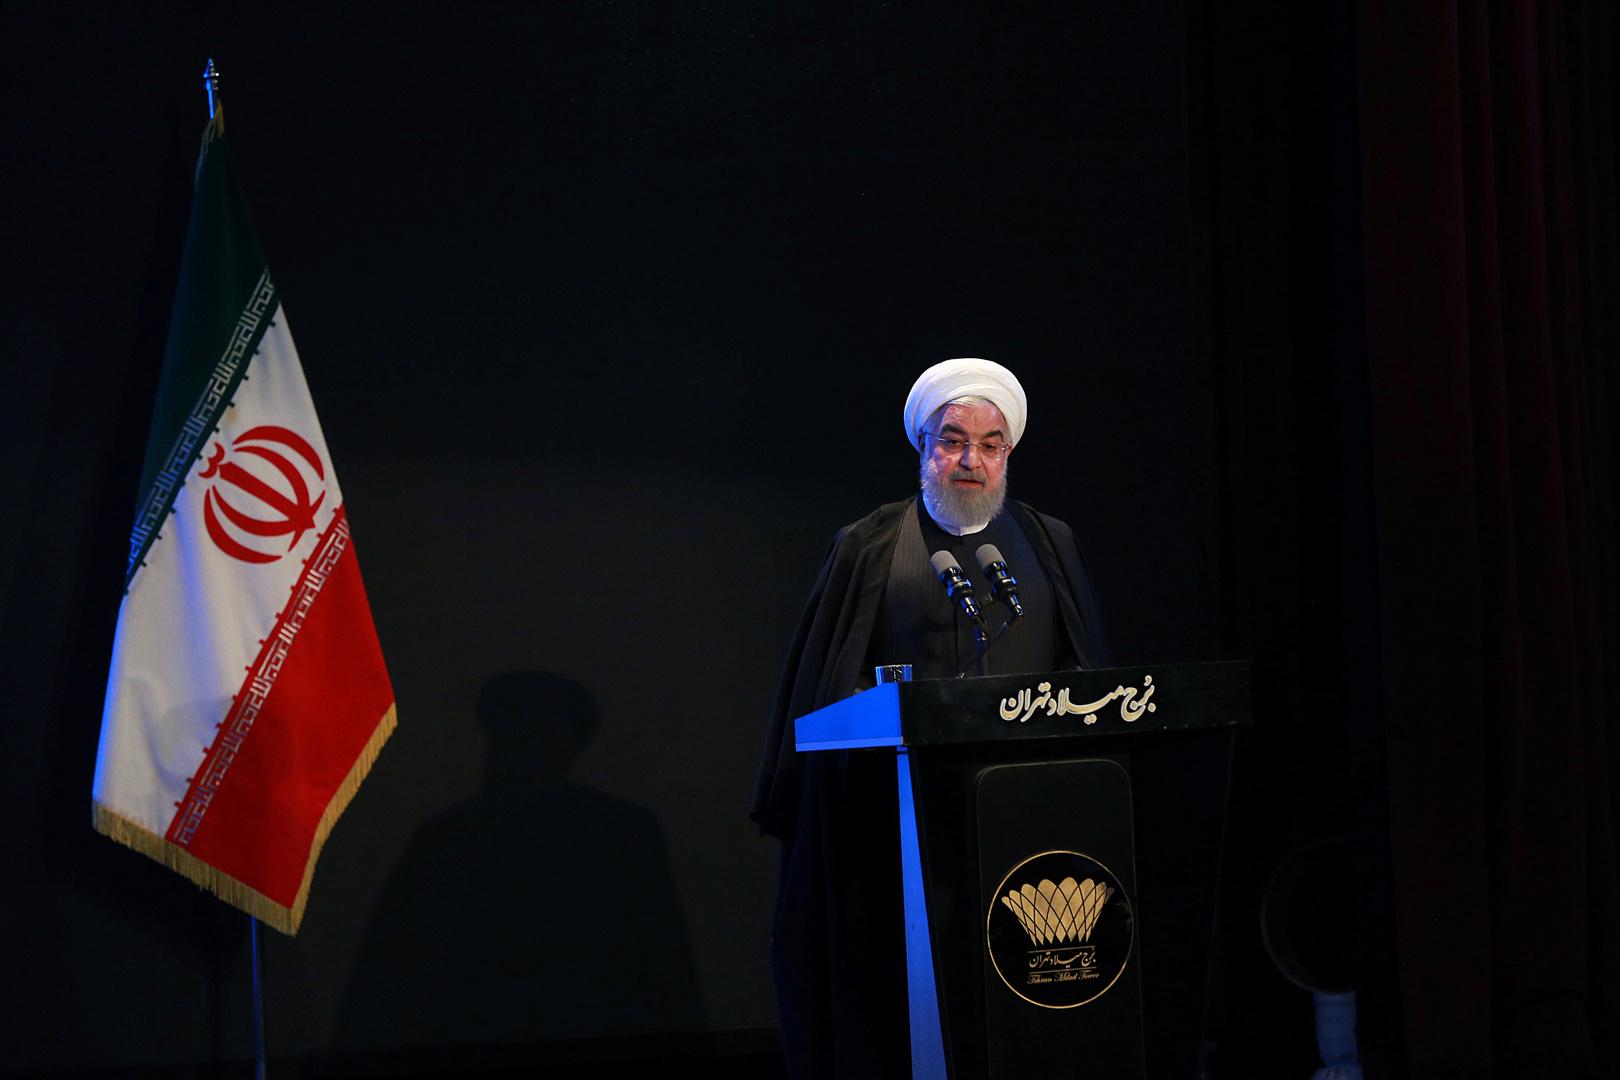 الرئيس الإيراني، حسن روحاني